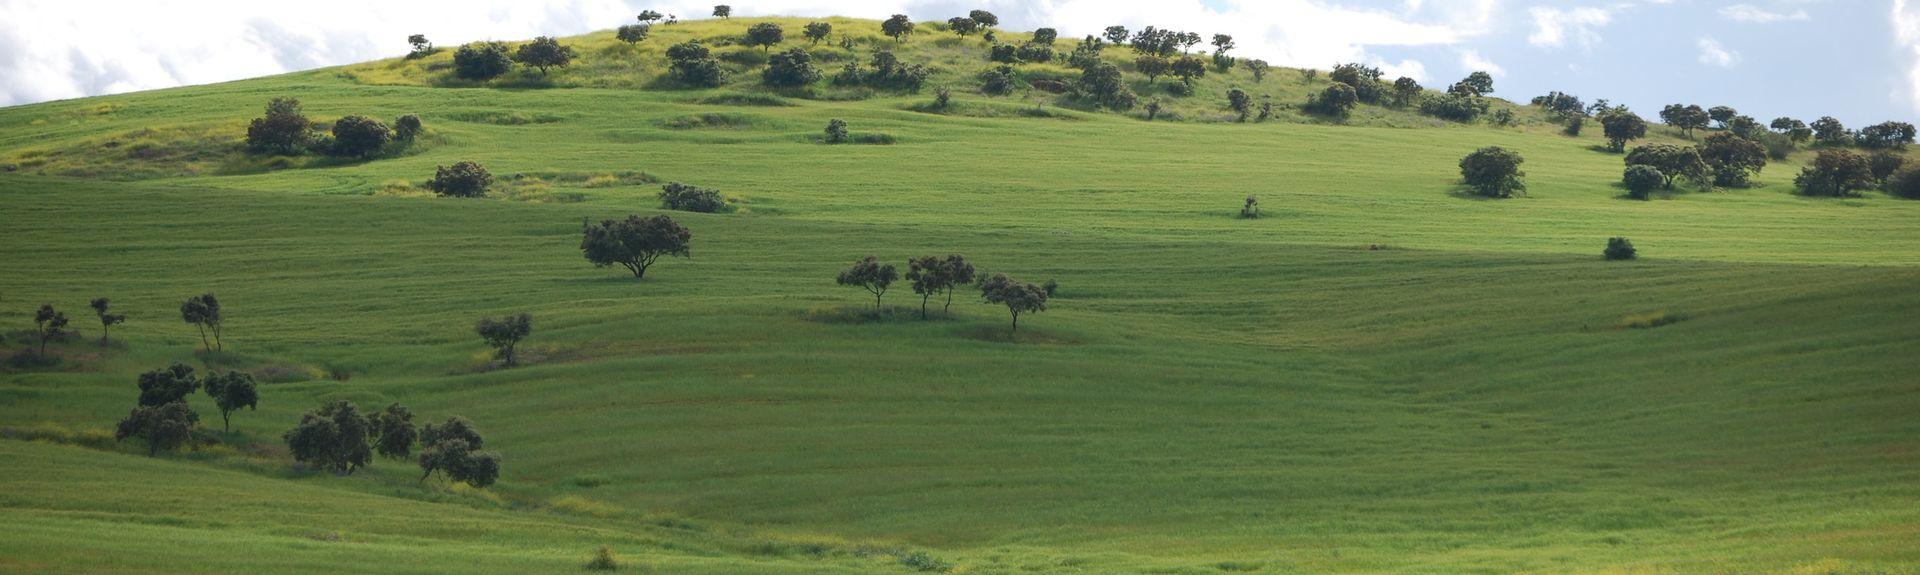 Cabeza la Vaca, Extremadura, Spain